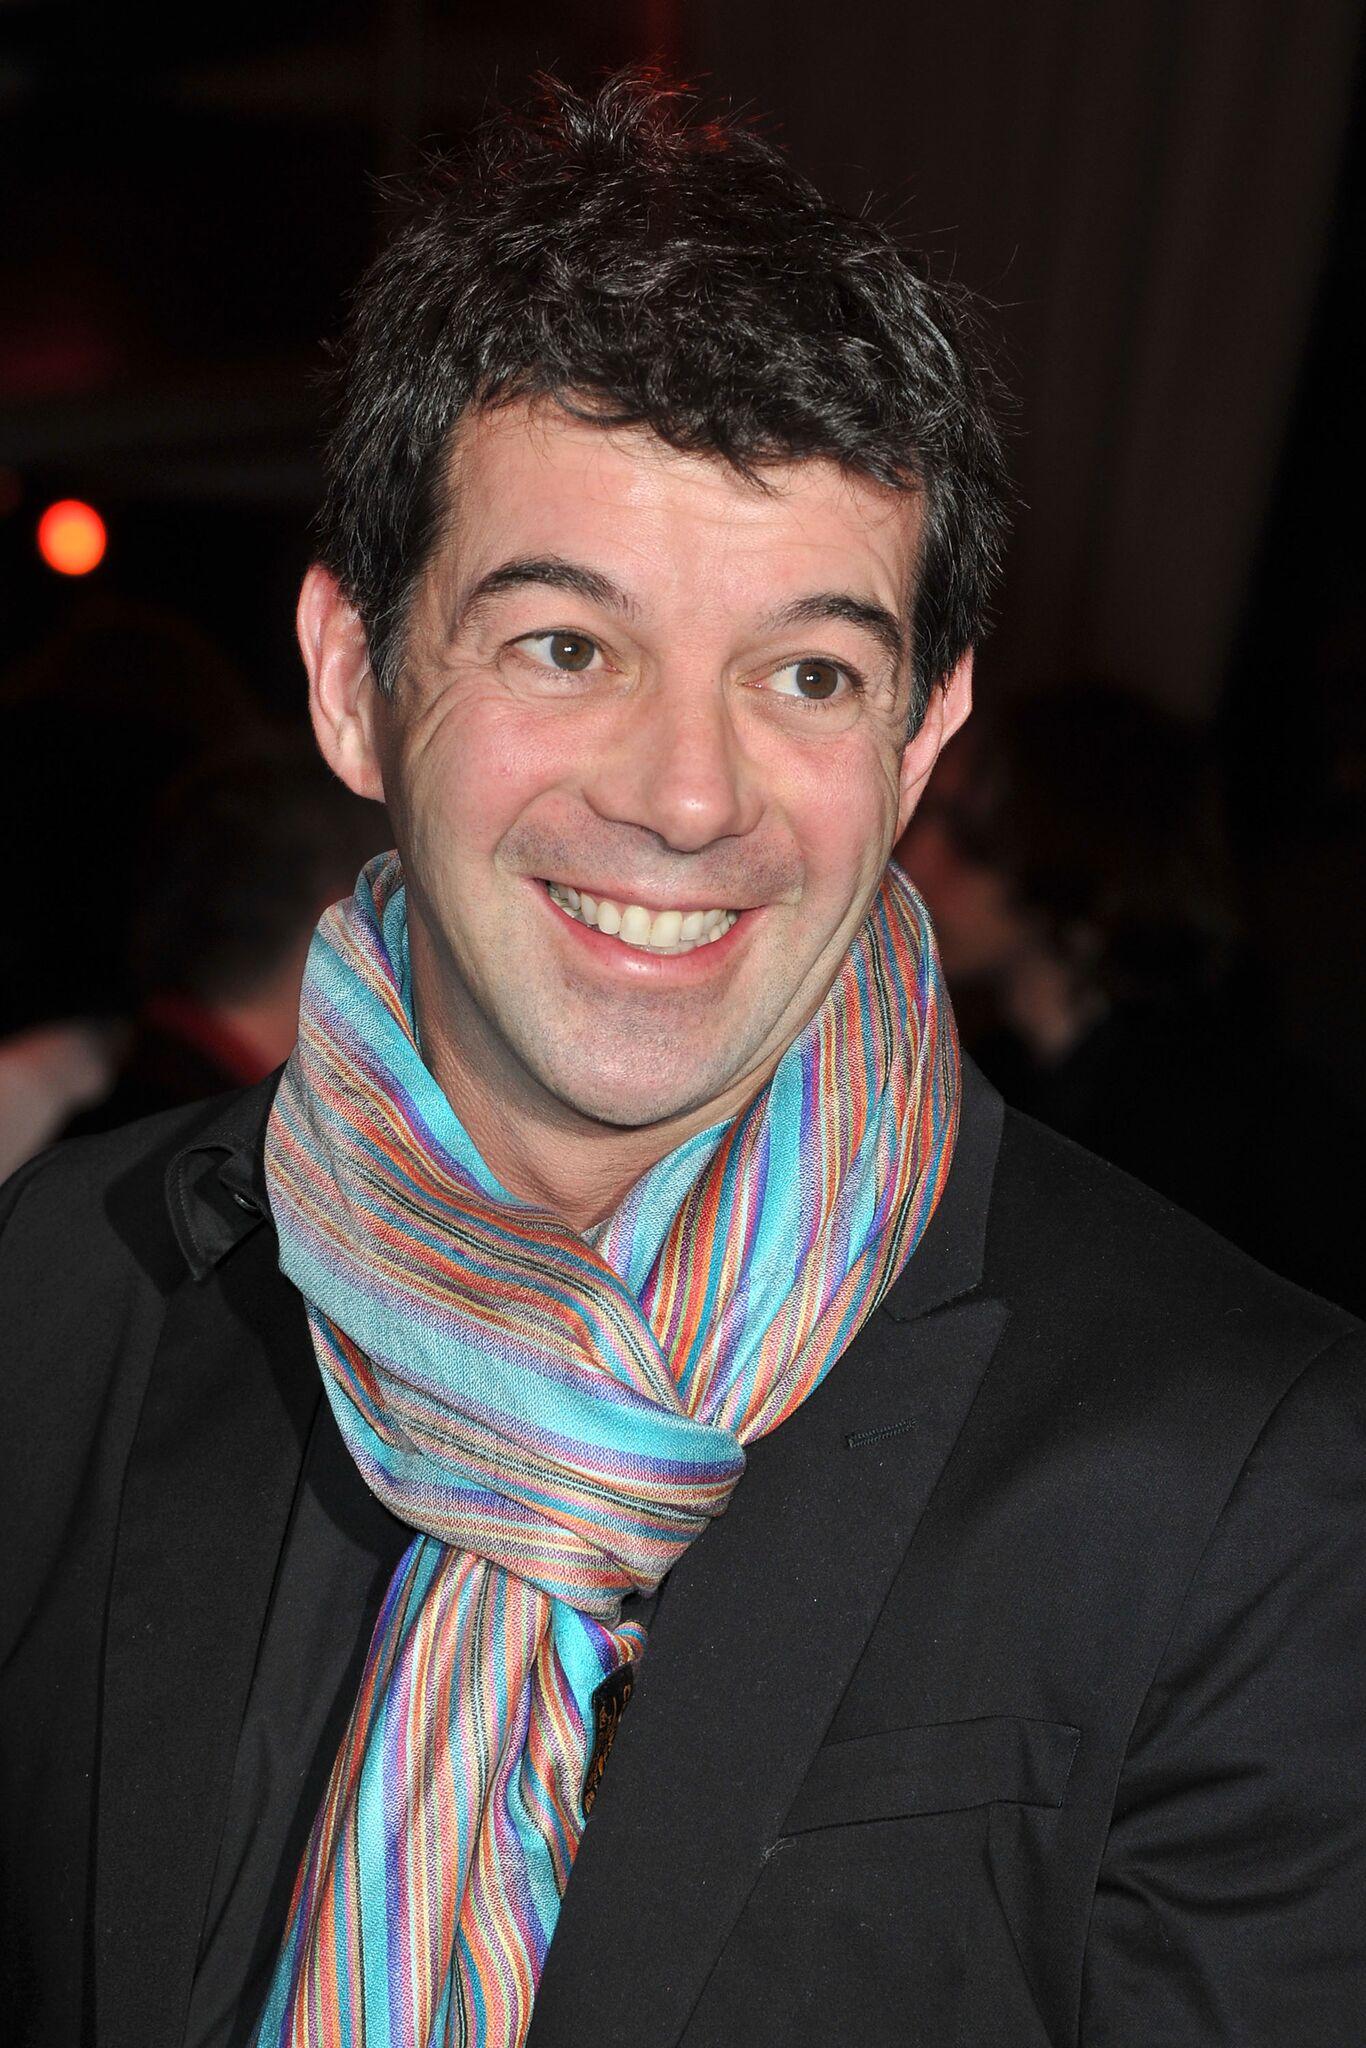 Le présentateur Stéphane Plaza. l Source : Getty Images